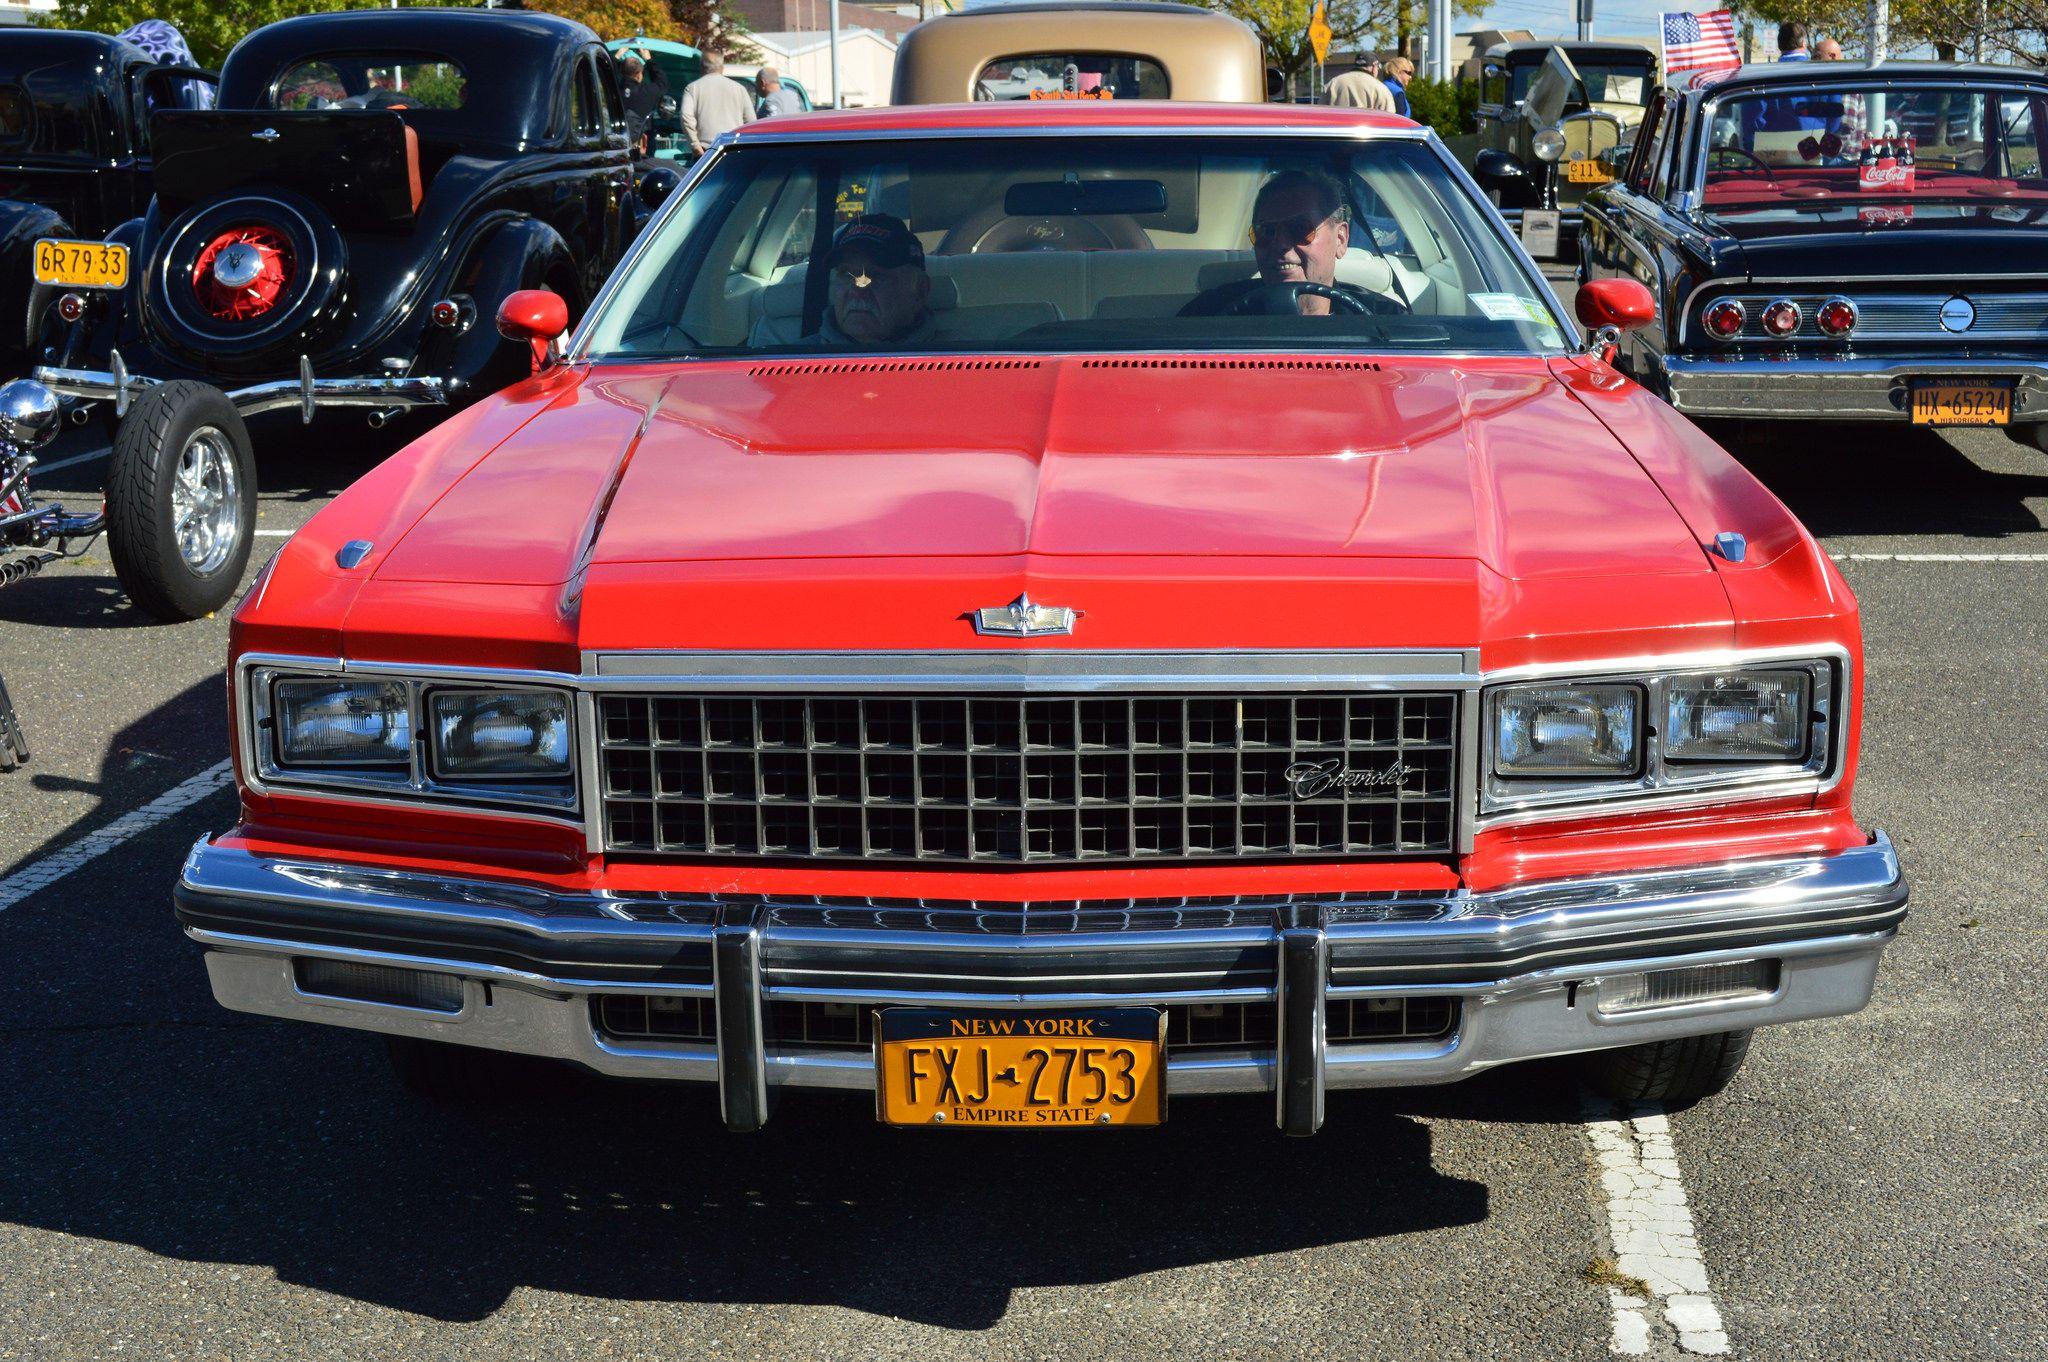 1976 Chevrolet Caprice Classic Landau Chevrolet Caprice Chevrolet Caprice Classic